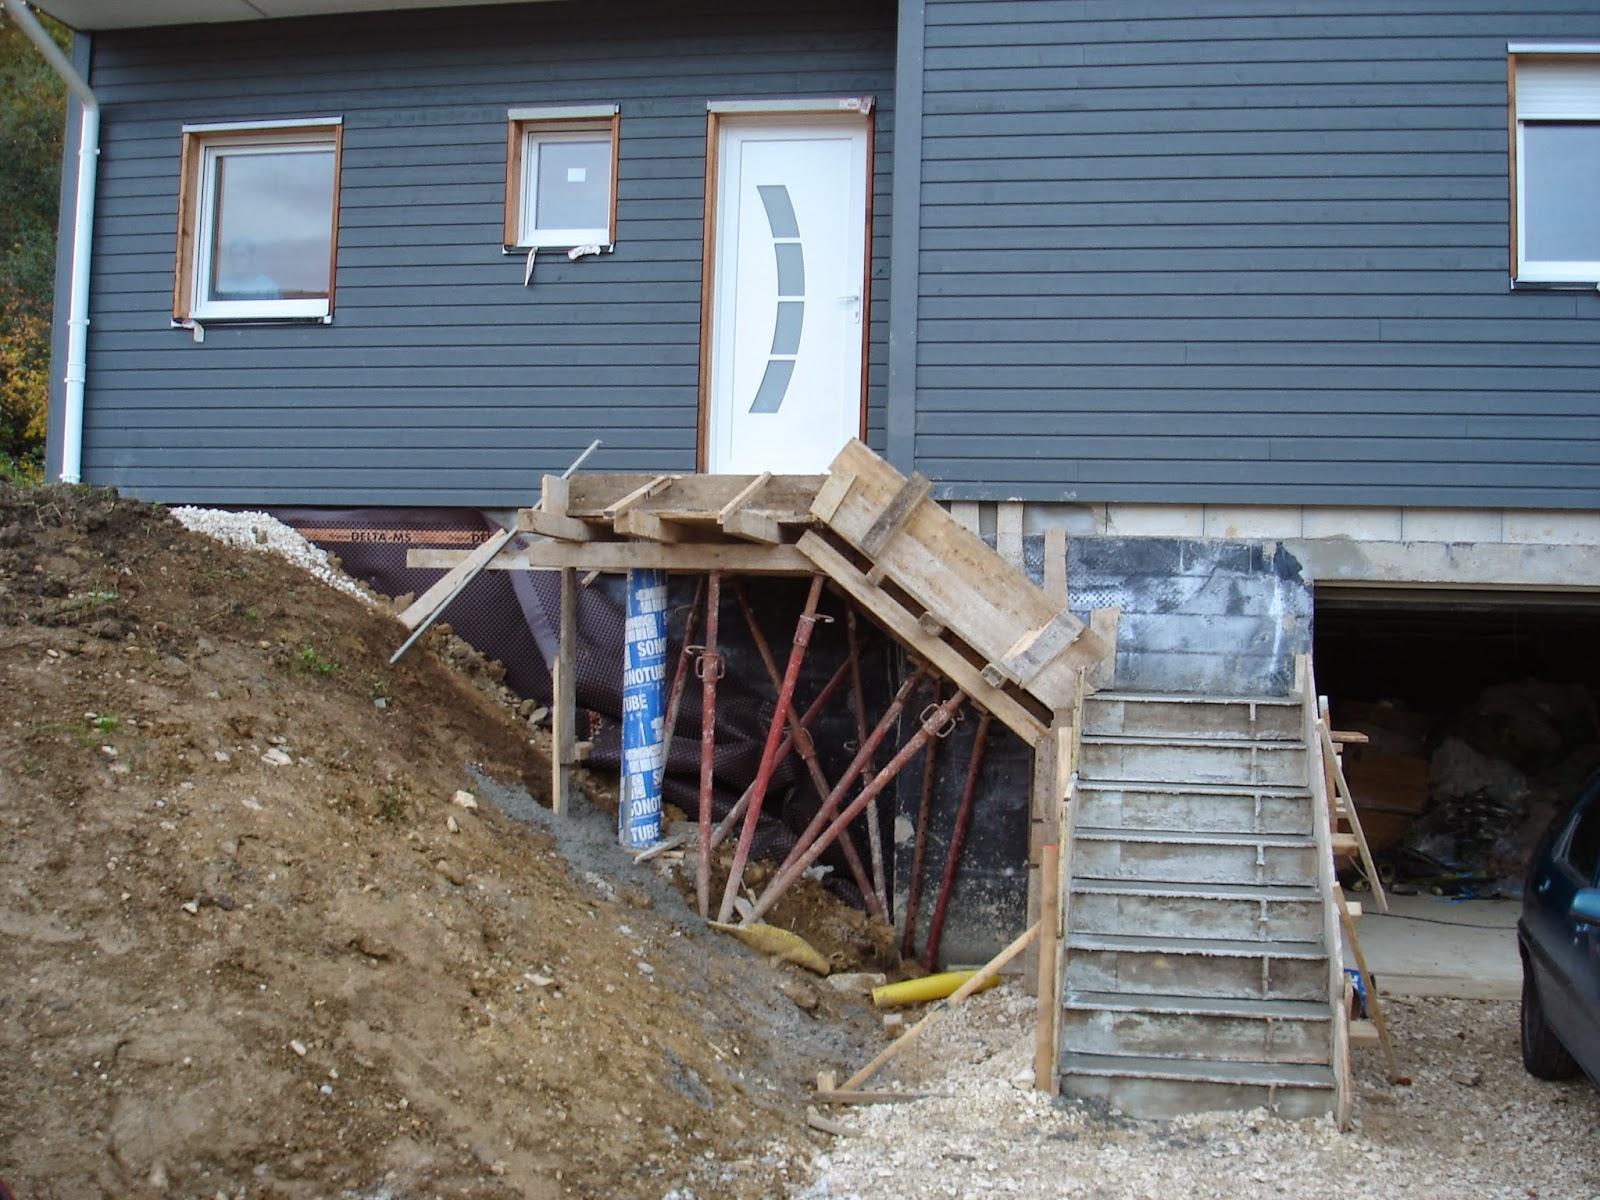 Notre aventure dans la construction escalier ext rieur for Construction escalier exterieur